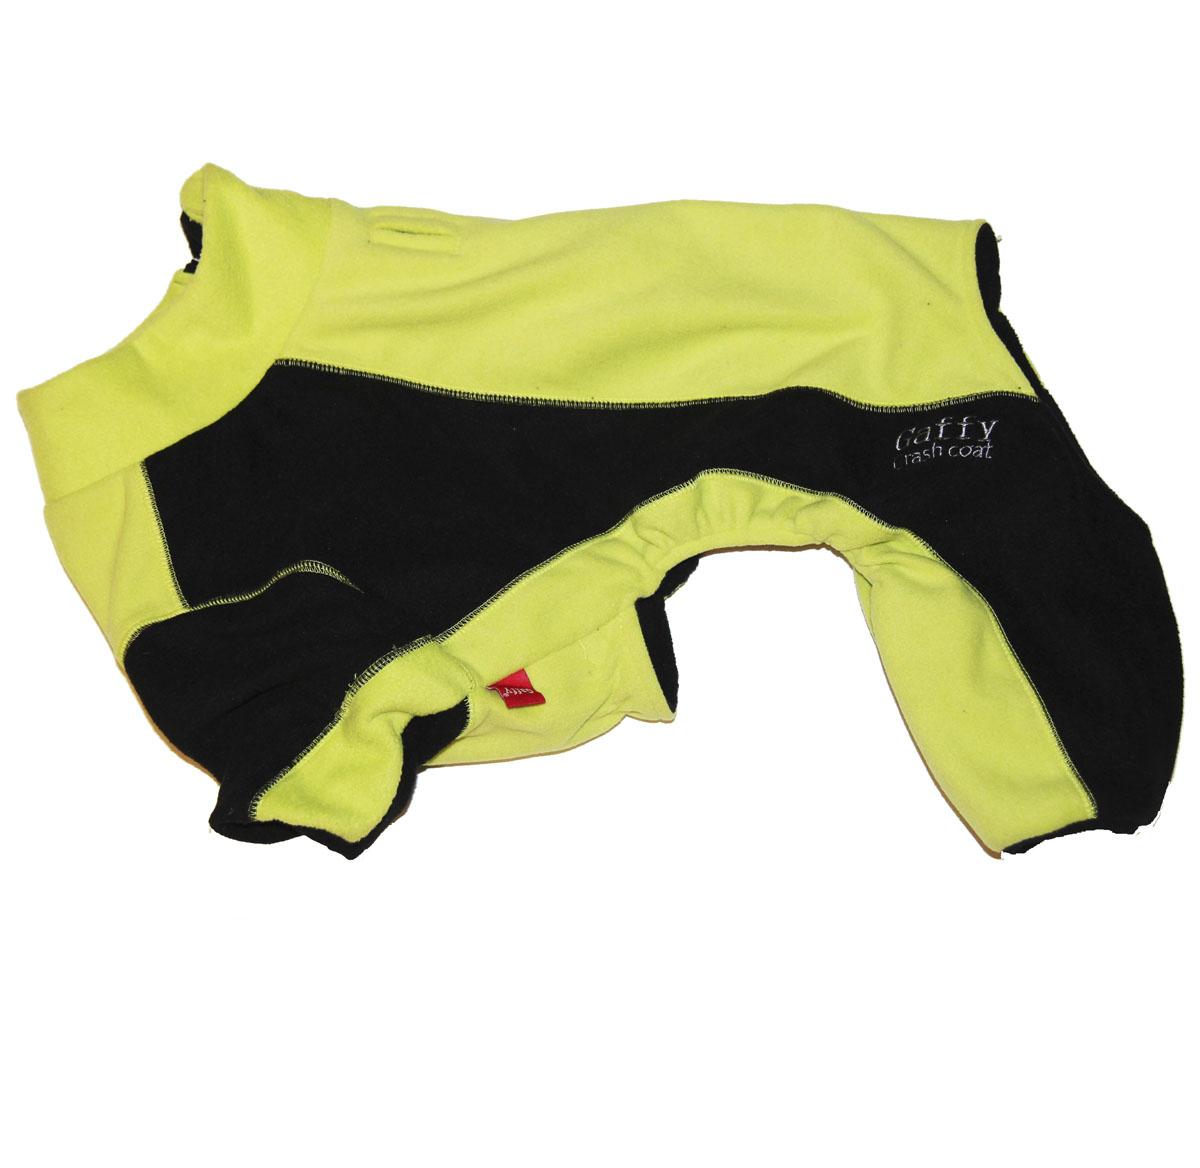 """Комбинезон для собак """"Gaffy Pet"""", унисекс, цвет: салатовый, черный. Размер XXL"""